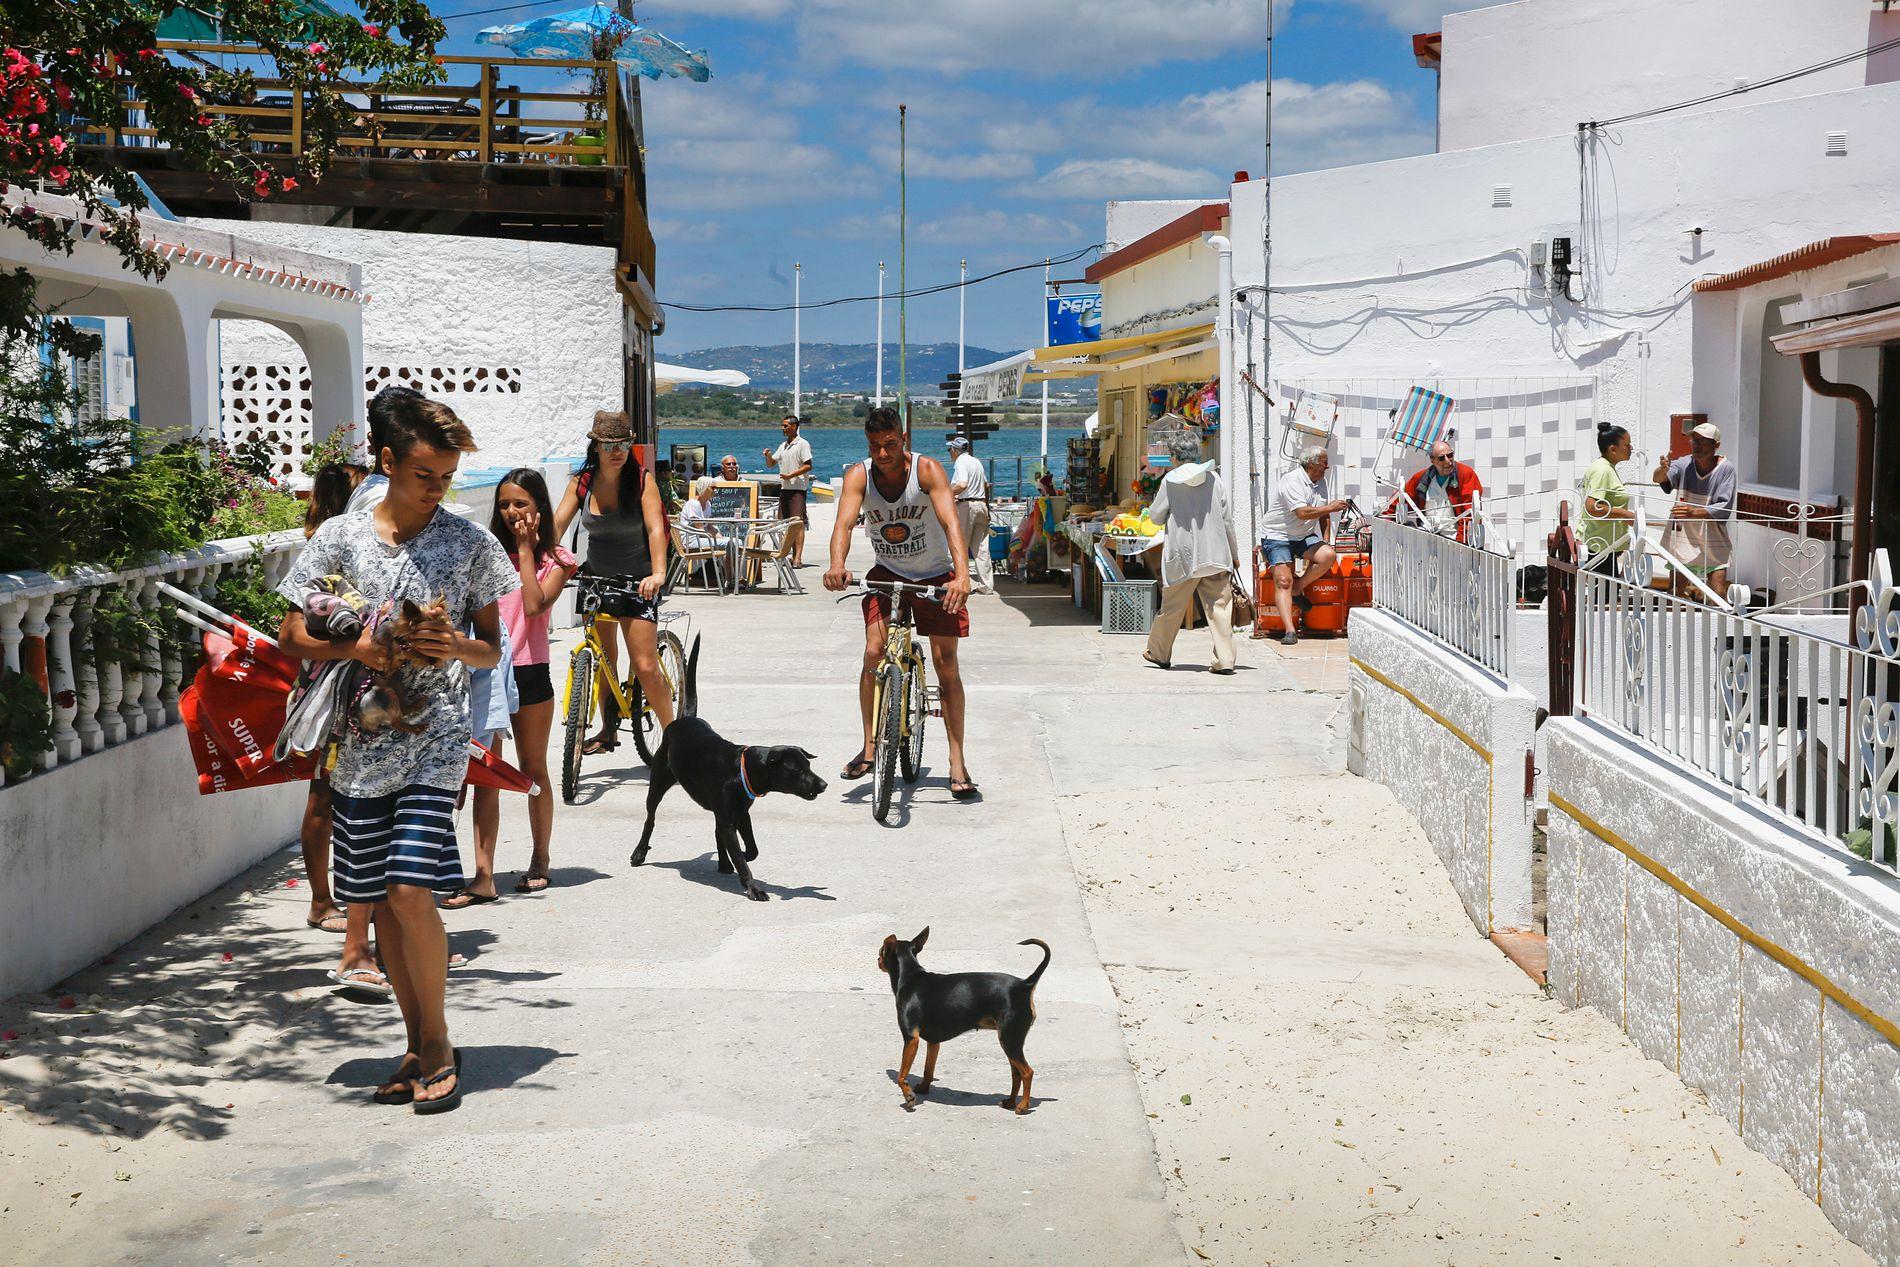 ØYLIVET: Foruten lange sandstrender, noen kiosker, restauranter og kafeer finnes det lite på den lille øya Armona. Den nydelige lille øya ligger 15 minutters båttur unna den fine markedsbyen Olhão.